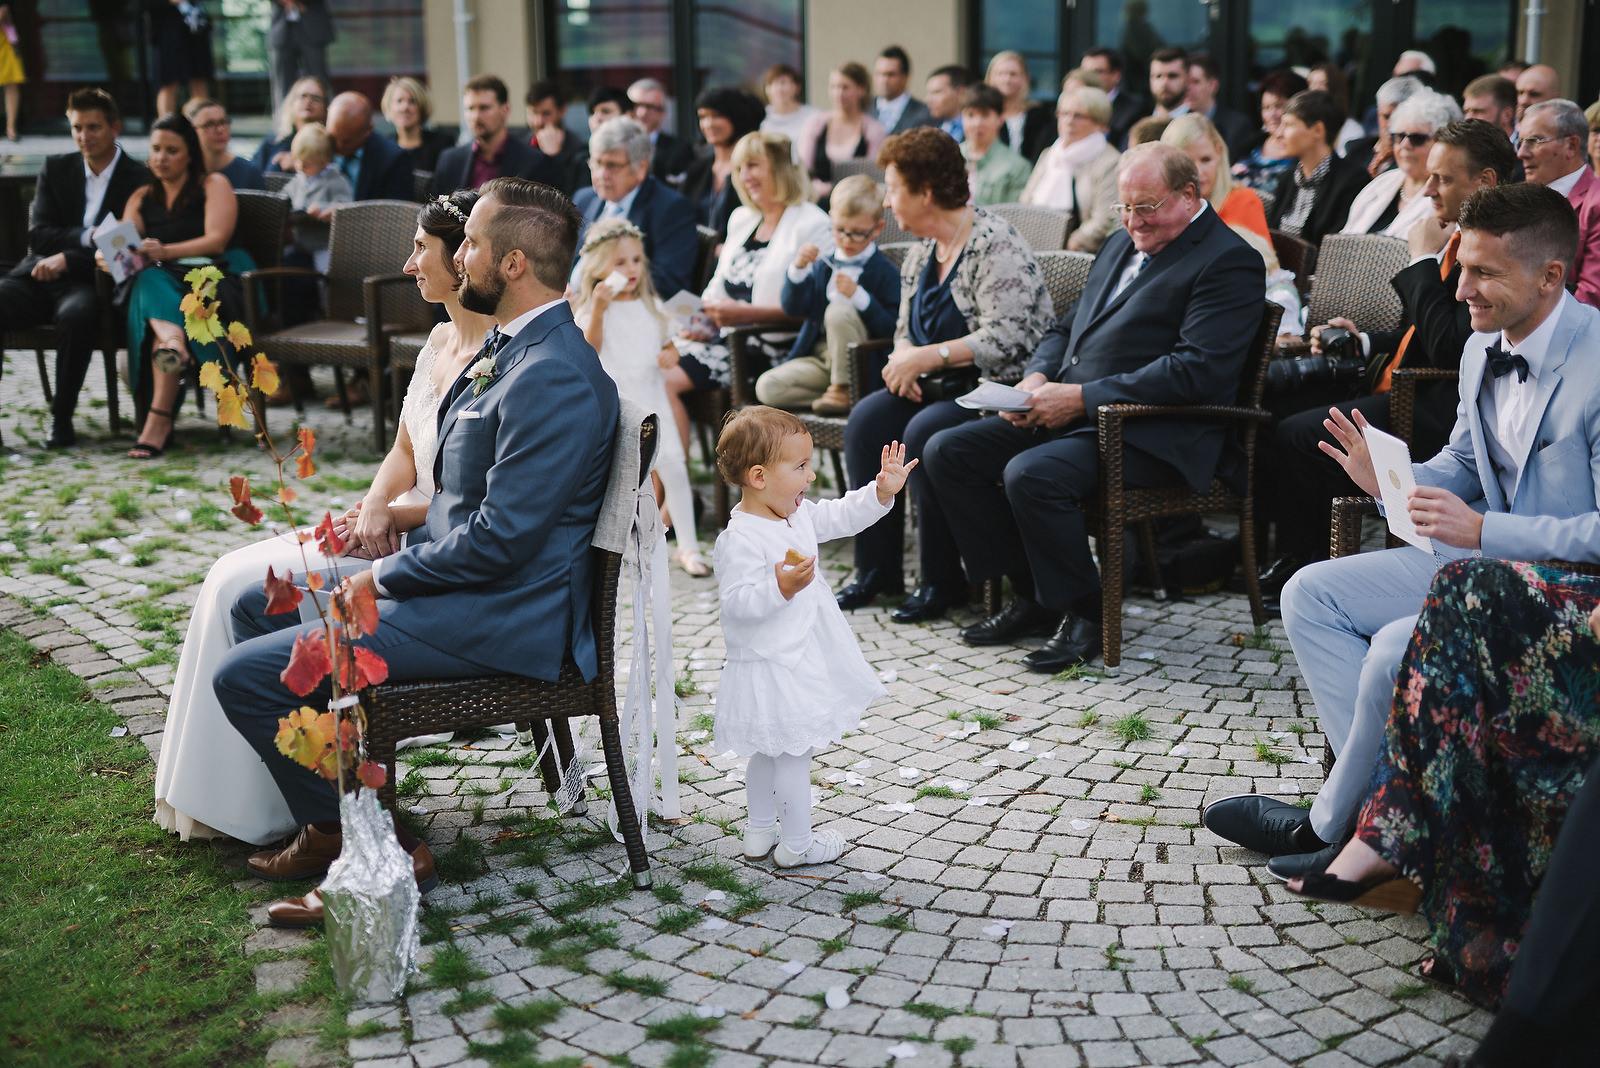 Fotograf Konstanz - Hochzeitsfotograf Reutlingen Achalm Hochzeit EFP 59 - Documentary wedding story on the Achalm, Reutlingen  - 48 -